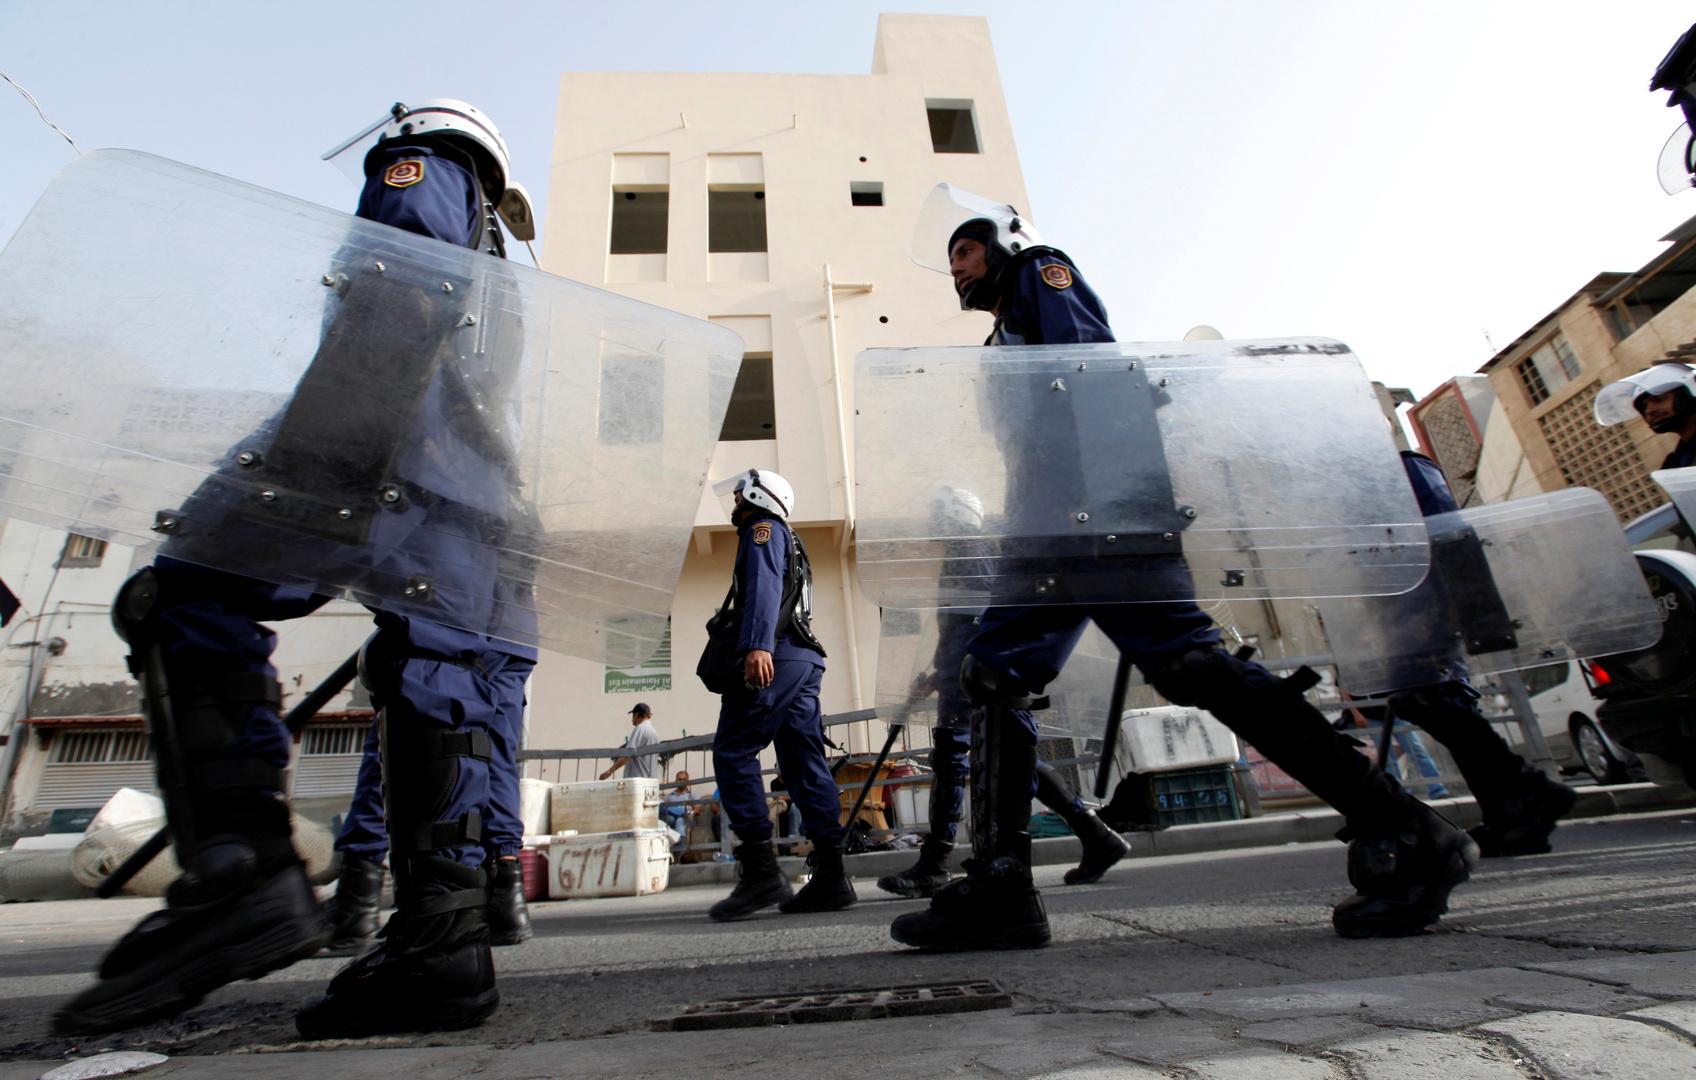 الشرطة البريطانية تعتقل 9 أشخاص في لندن بعد احتجاجات على منح سلطات أوسع للشرطة